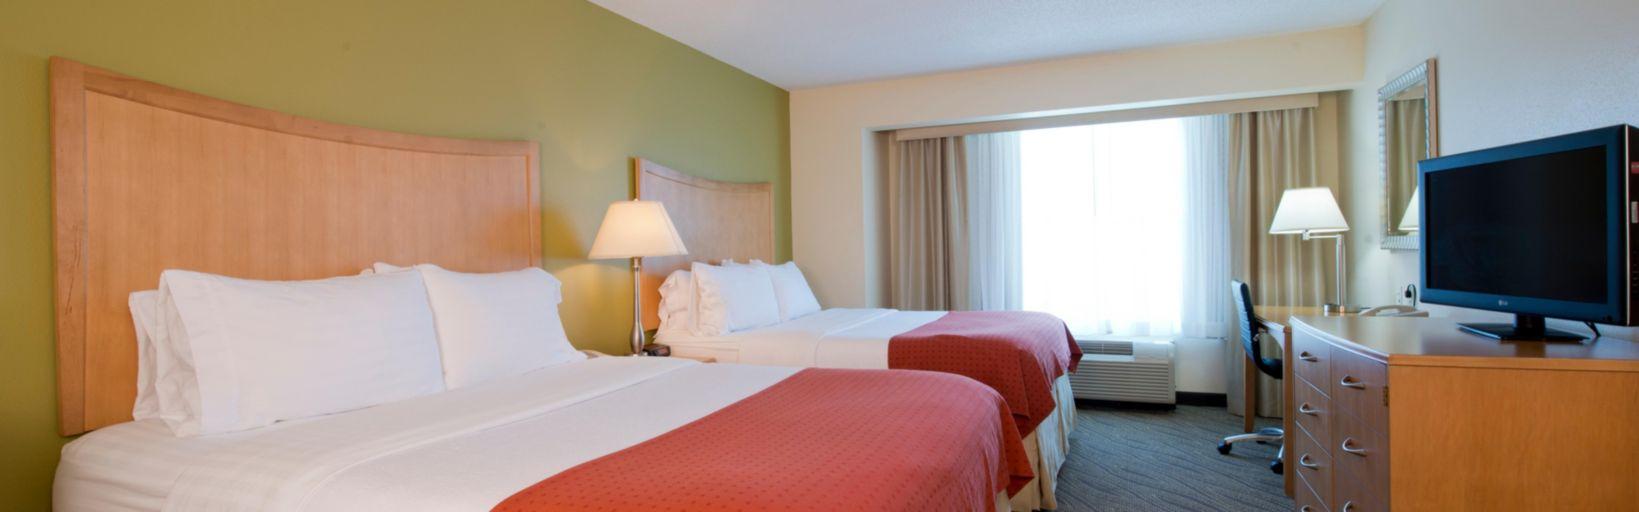 Holiday Inn Hotel & Suites Savannah Airport - Pooler Hotel by IHG